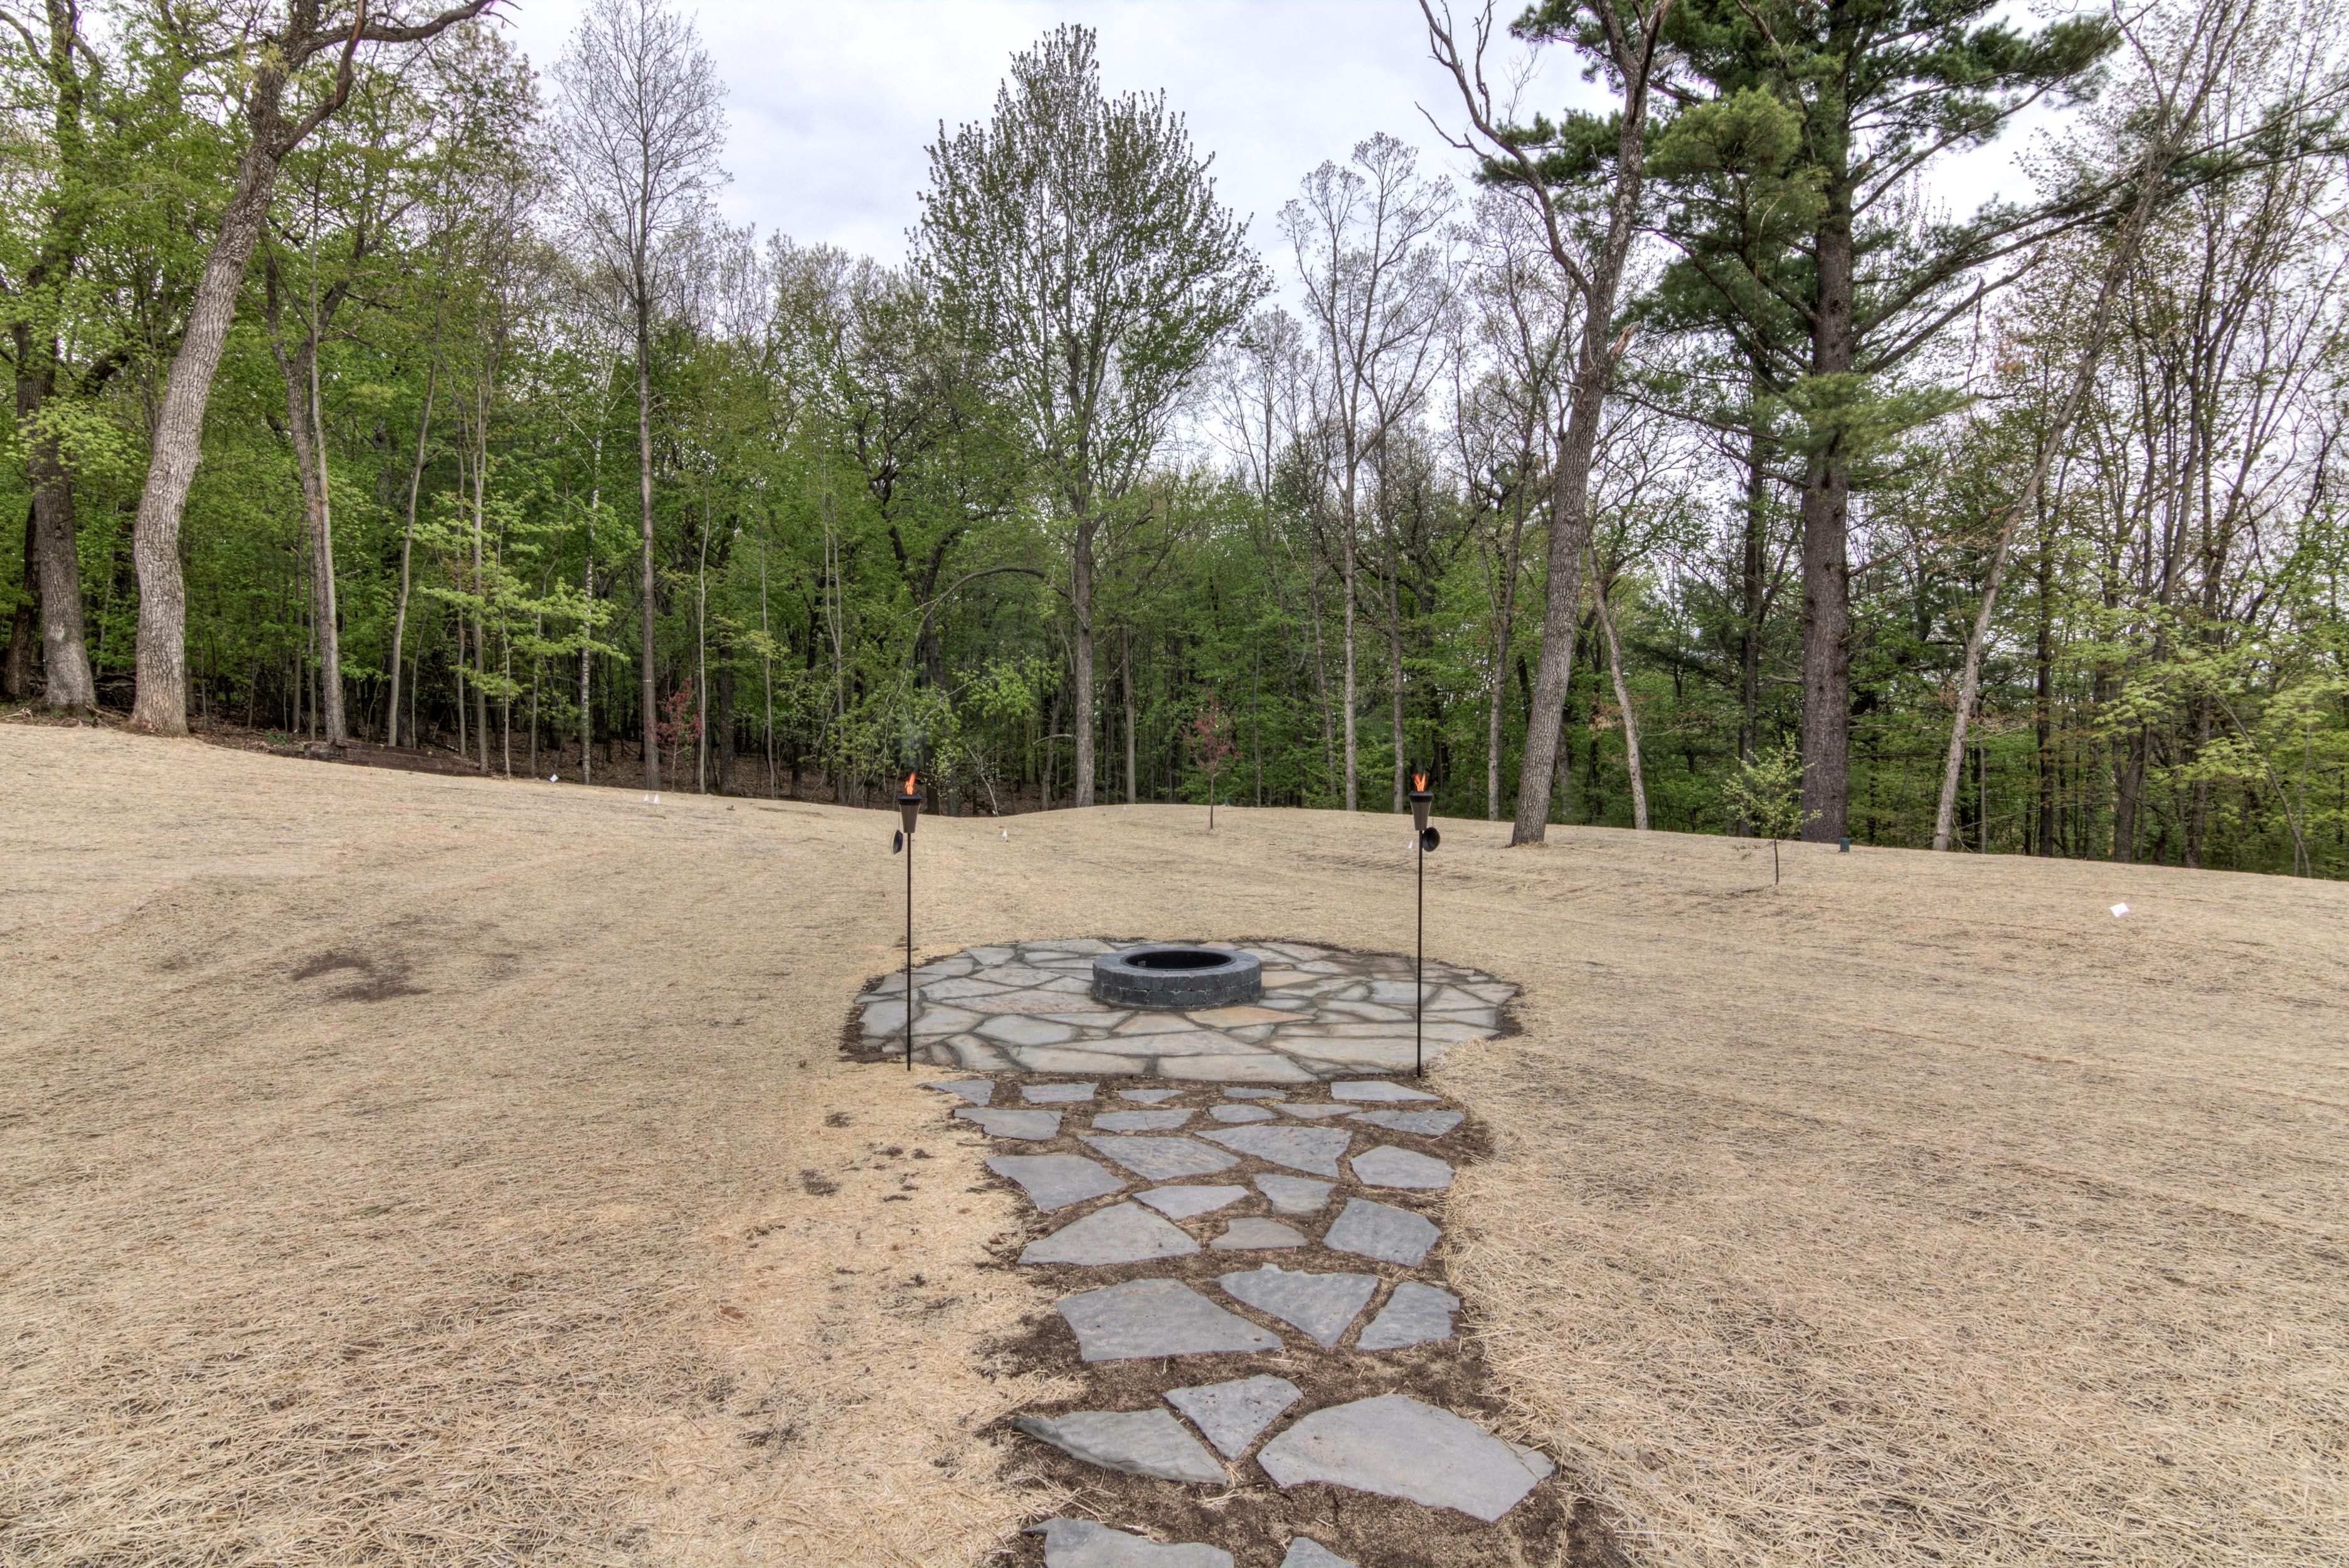 67-19 - Backyard-12